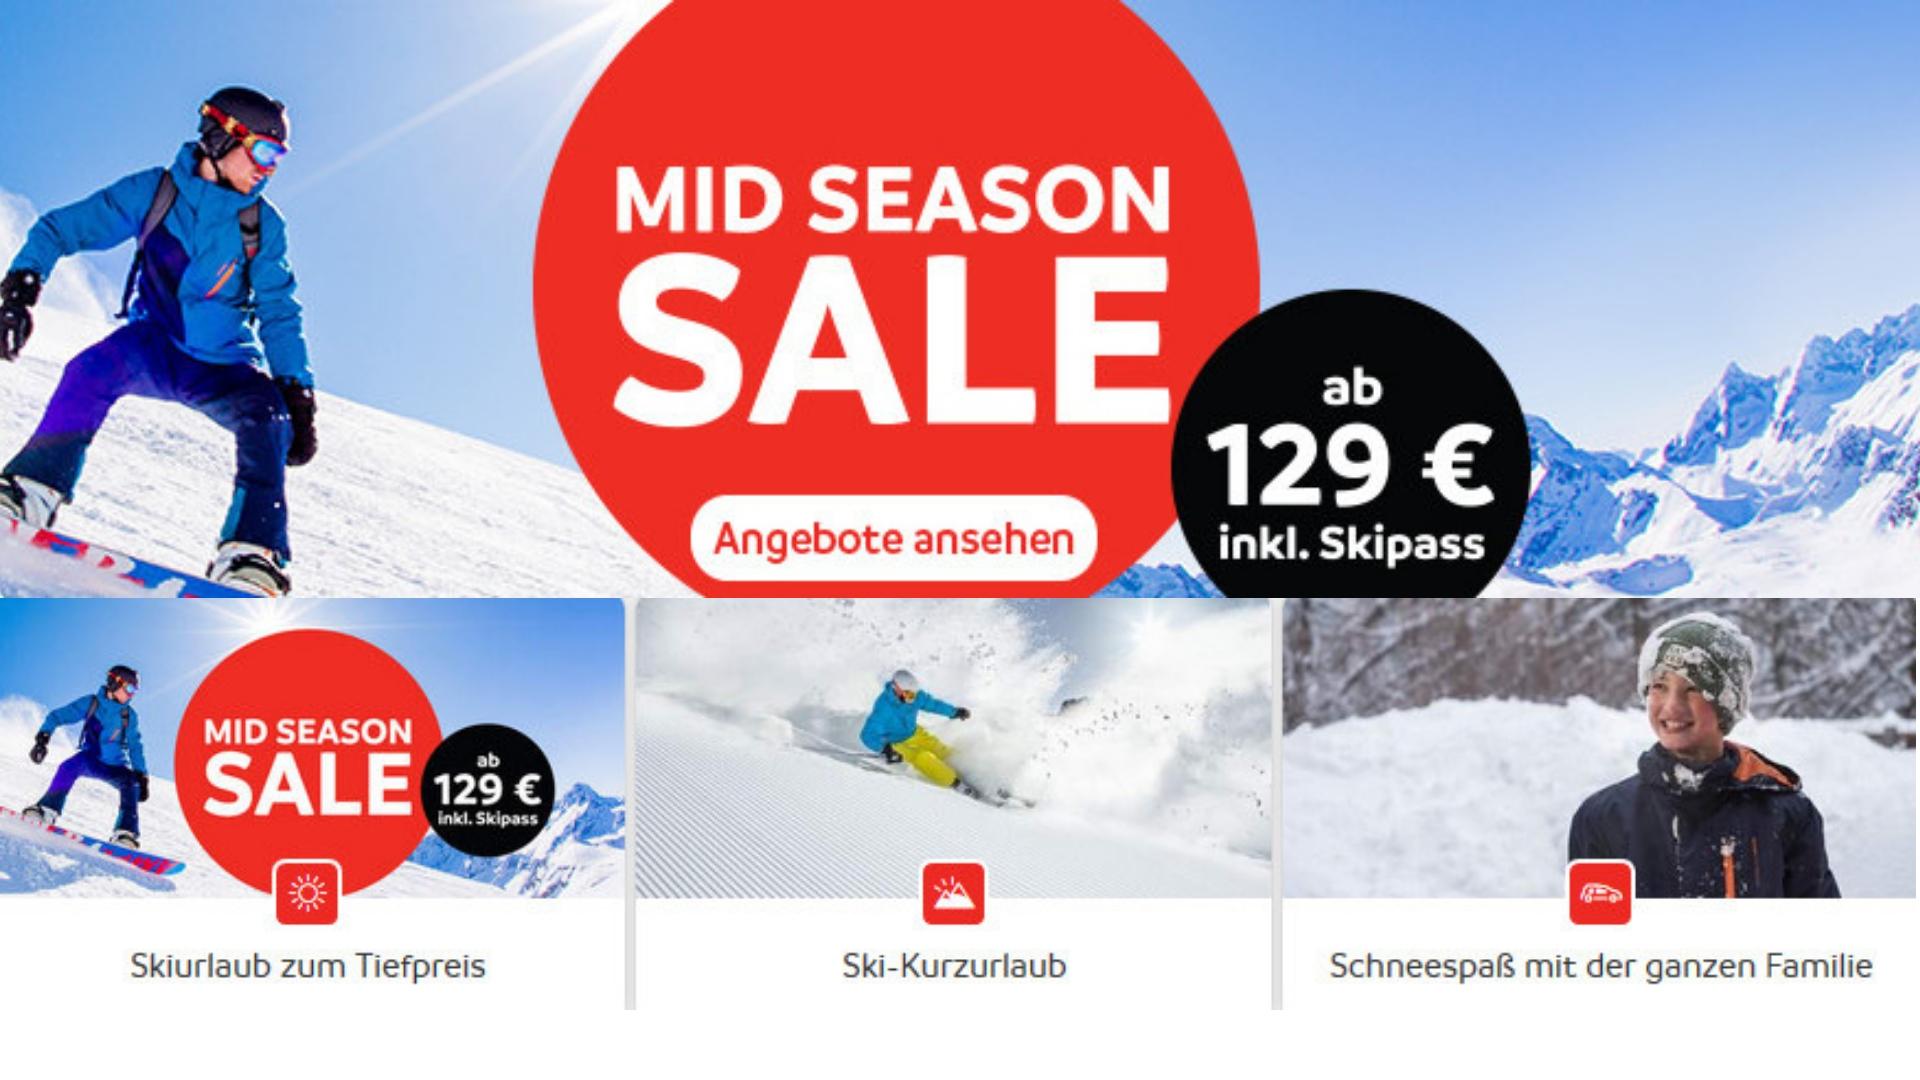 cc70f0c66ee0a0 Günstig Skiurlaub buchen! Skifahren in Österreich, Frankreich oder ...